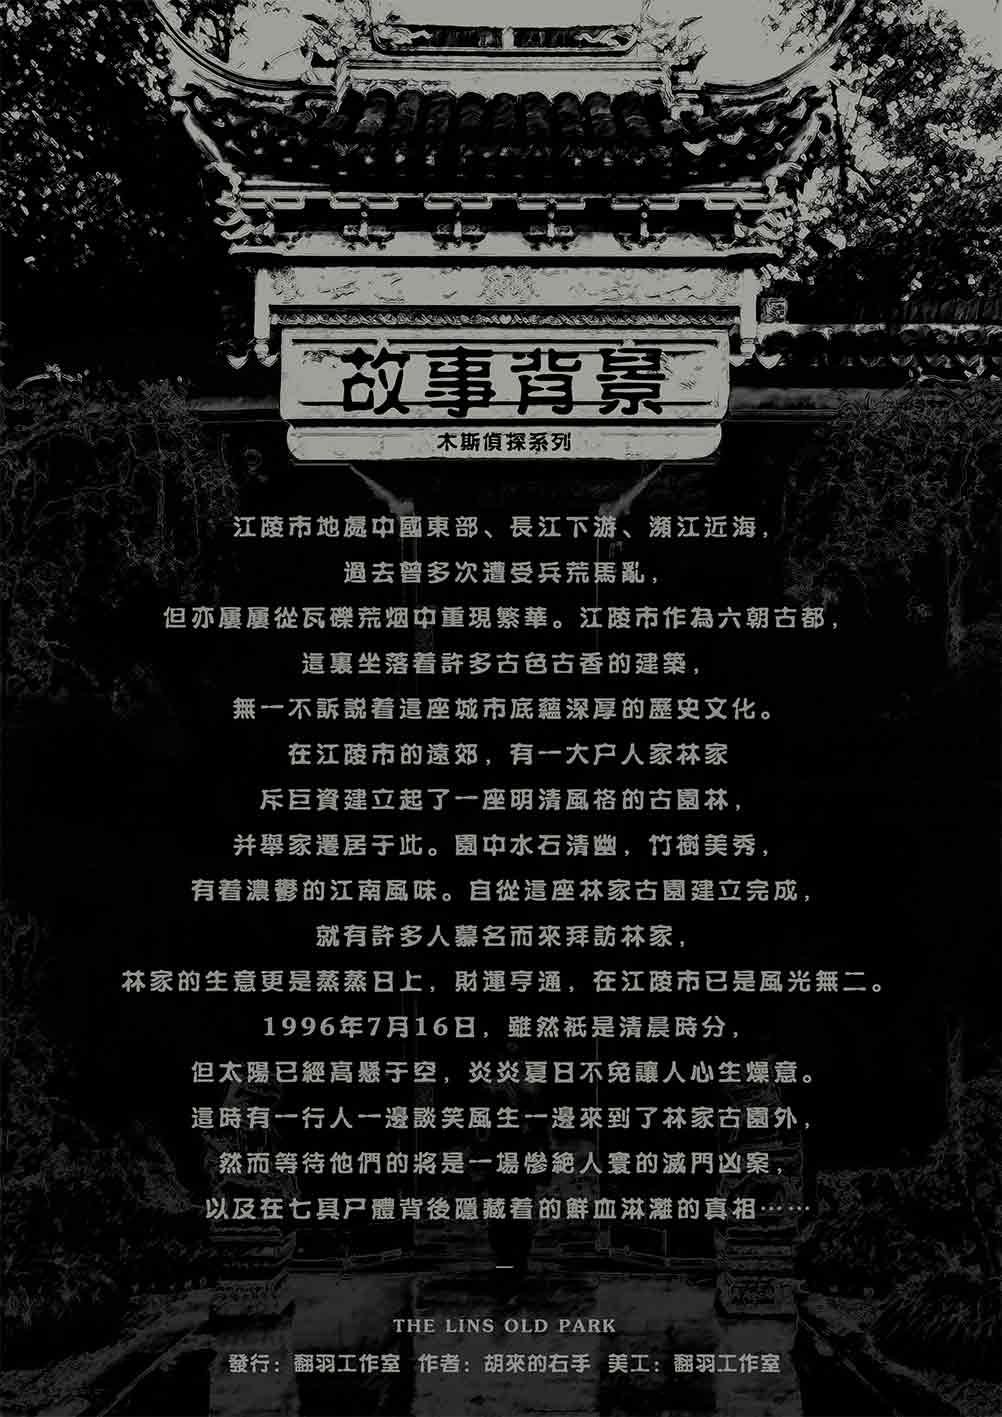 『林家古园』剧本杀复盘/真相解析/凶手是谁/主持人手册